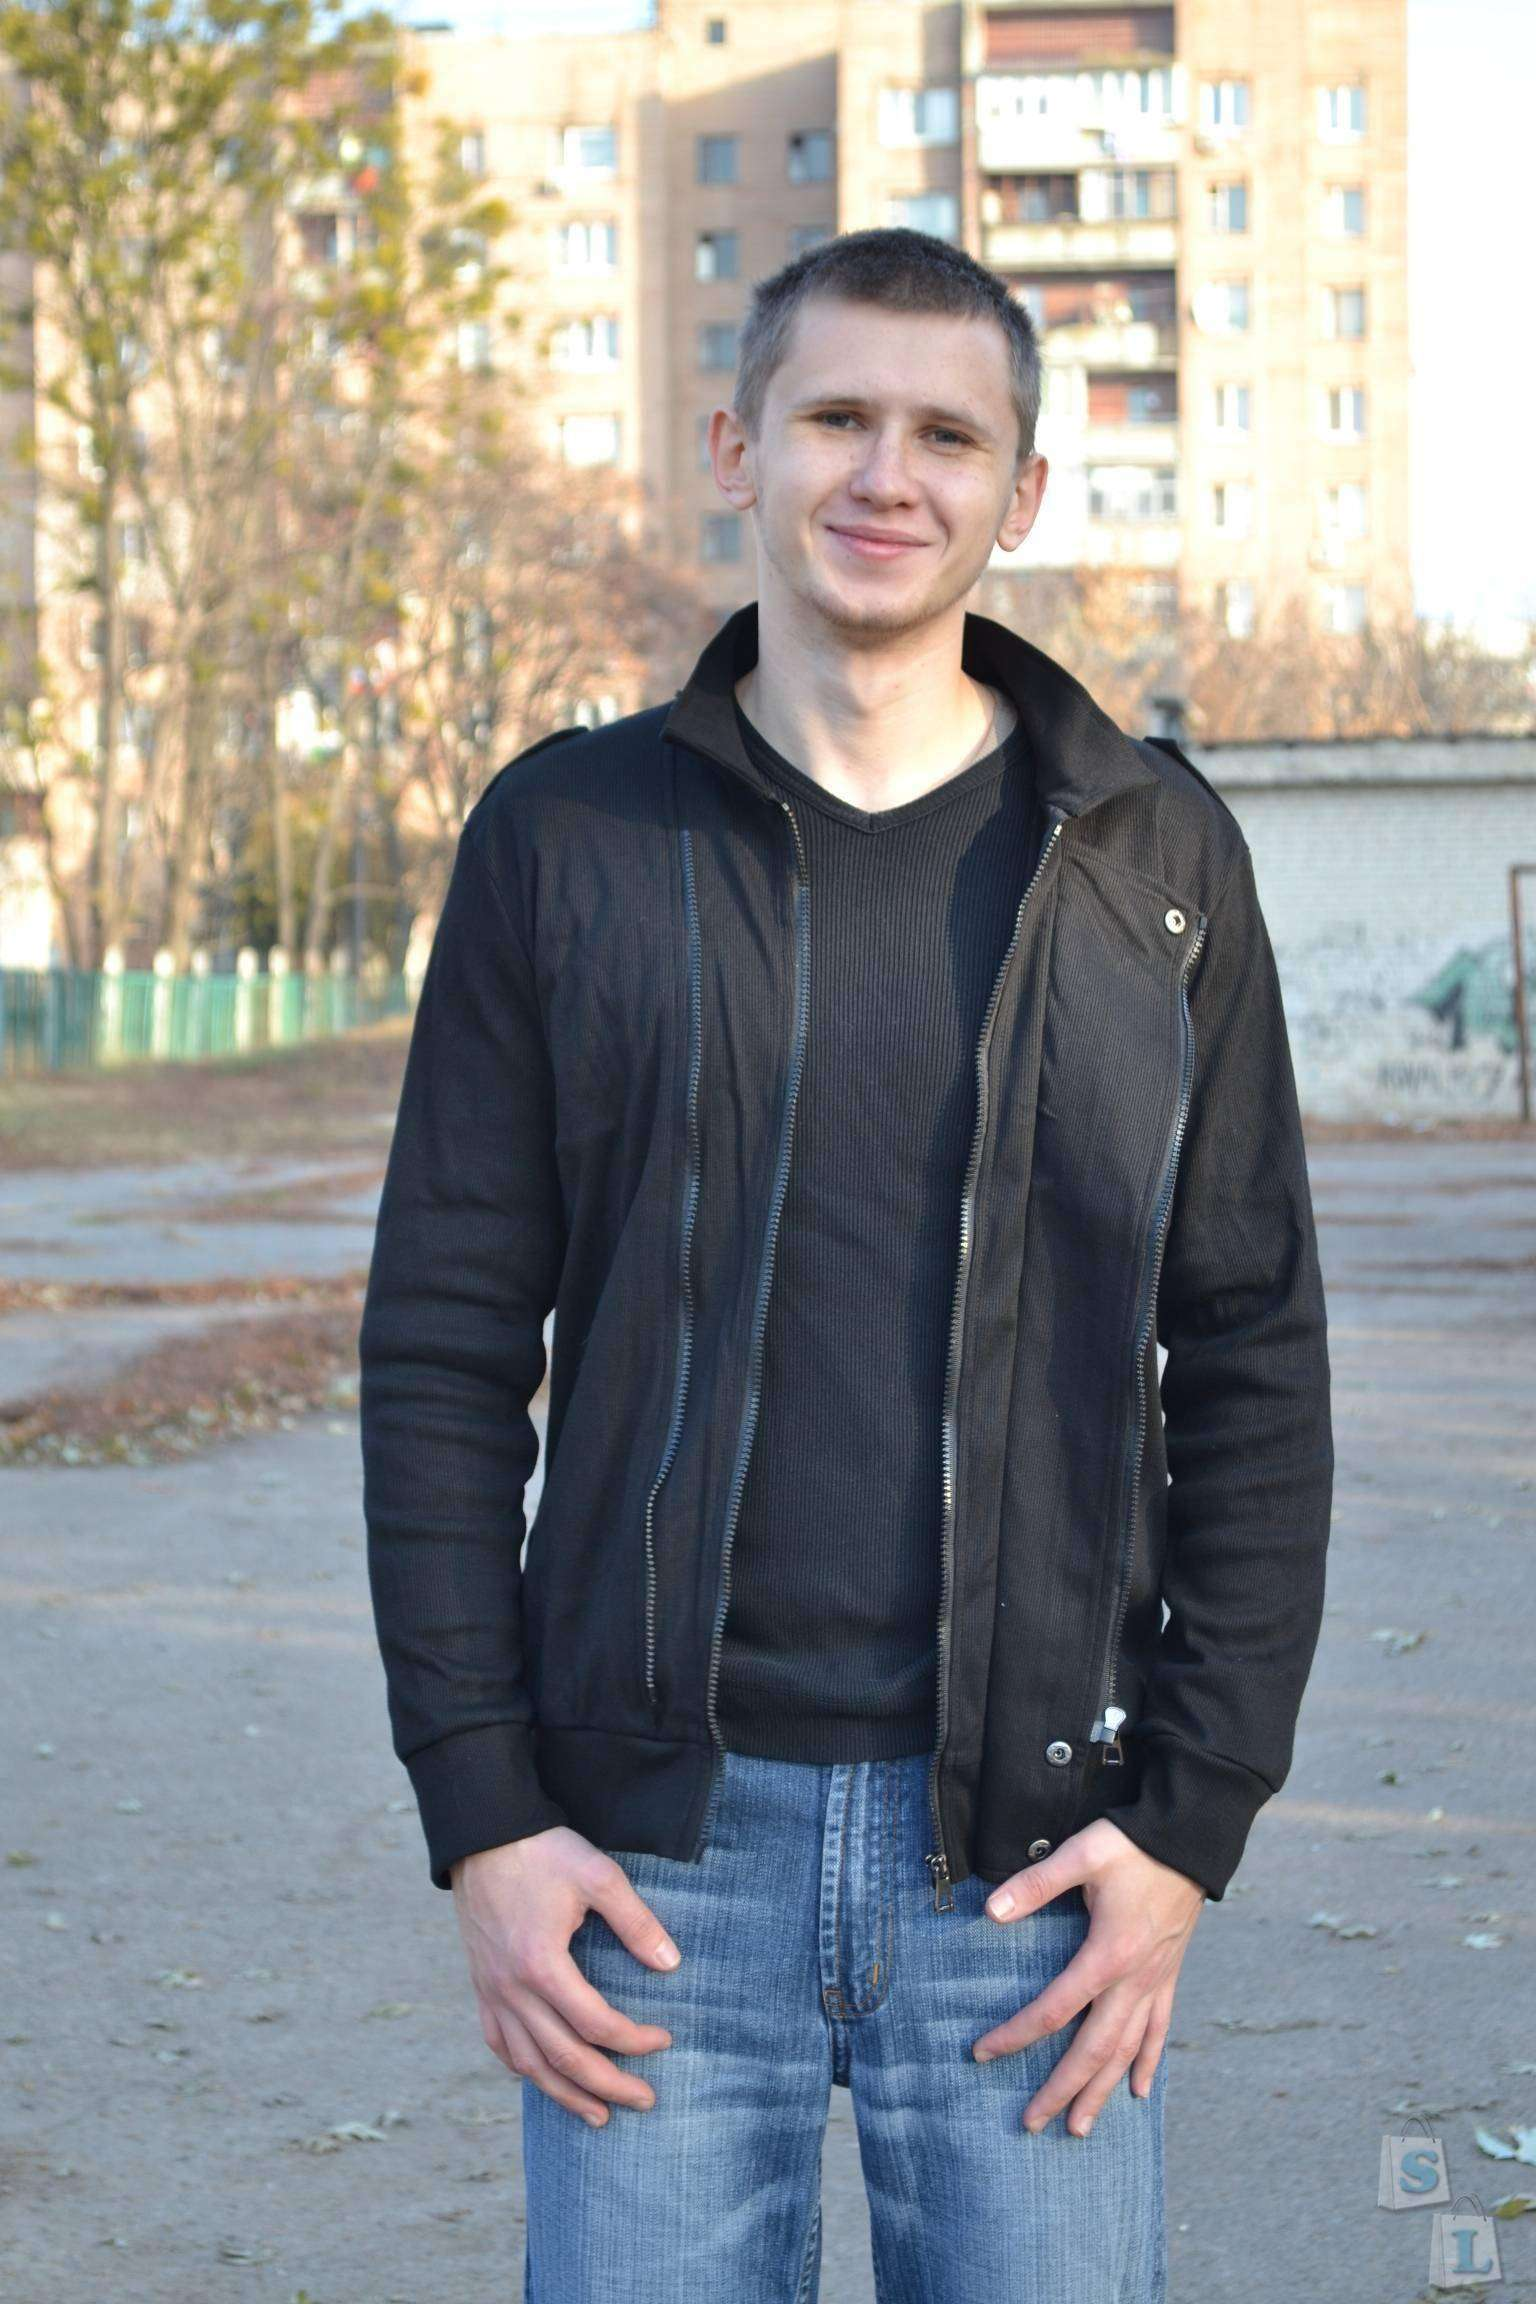 TomTop: Men Jacket Two Zippers-Обзор мужской кофты